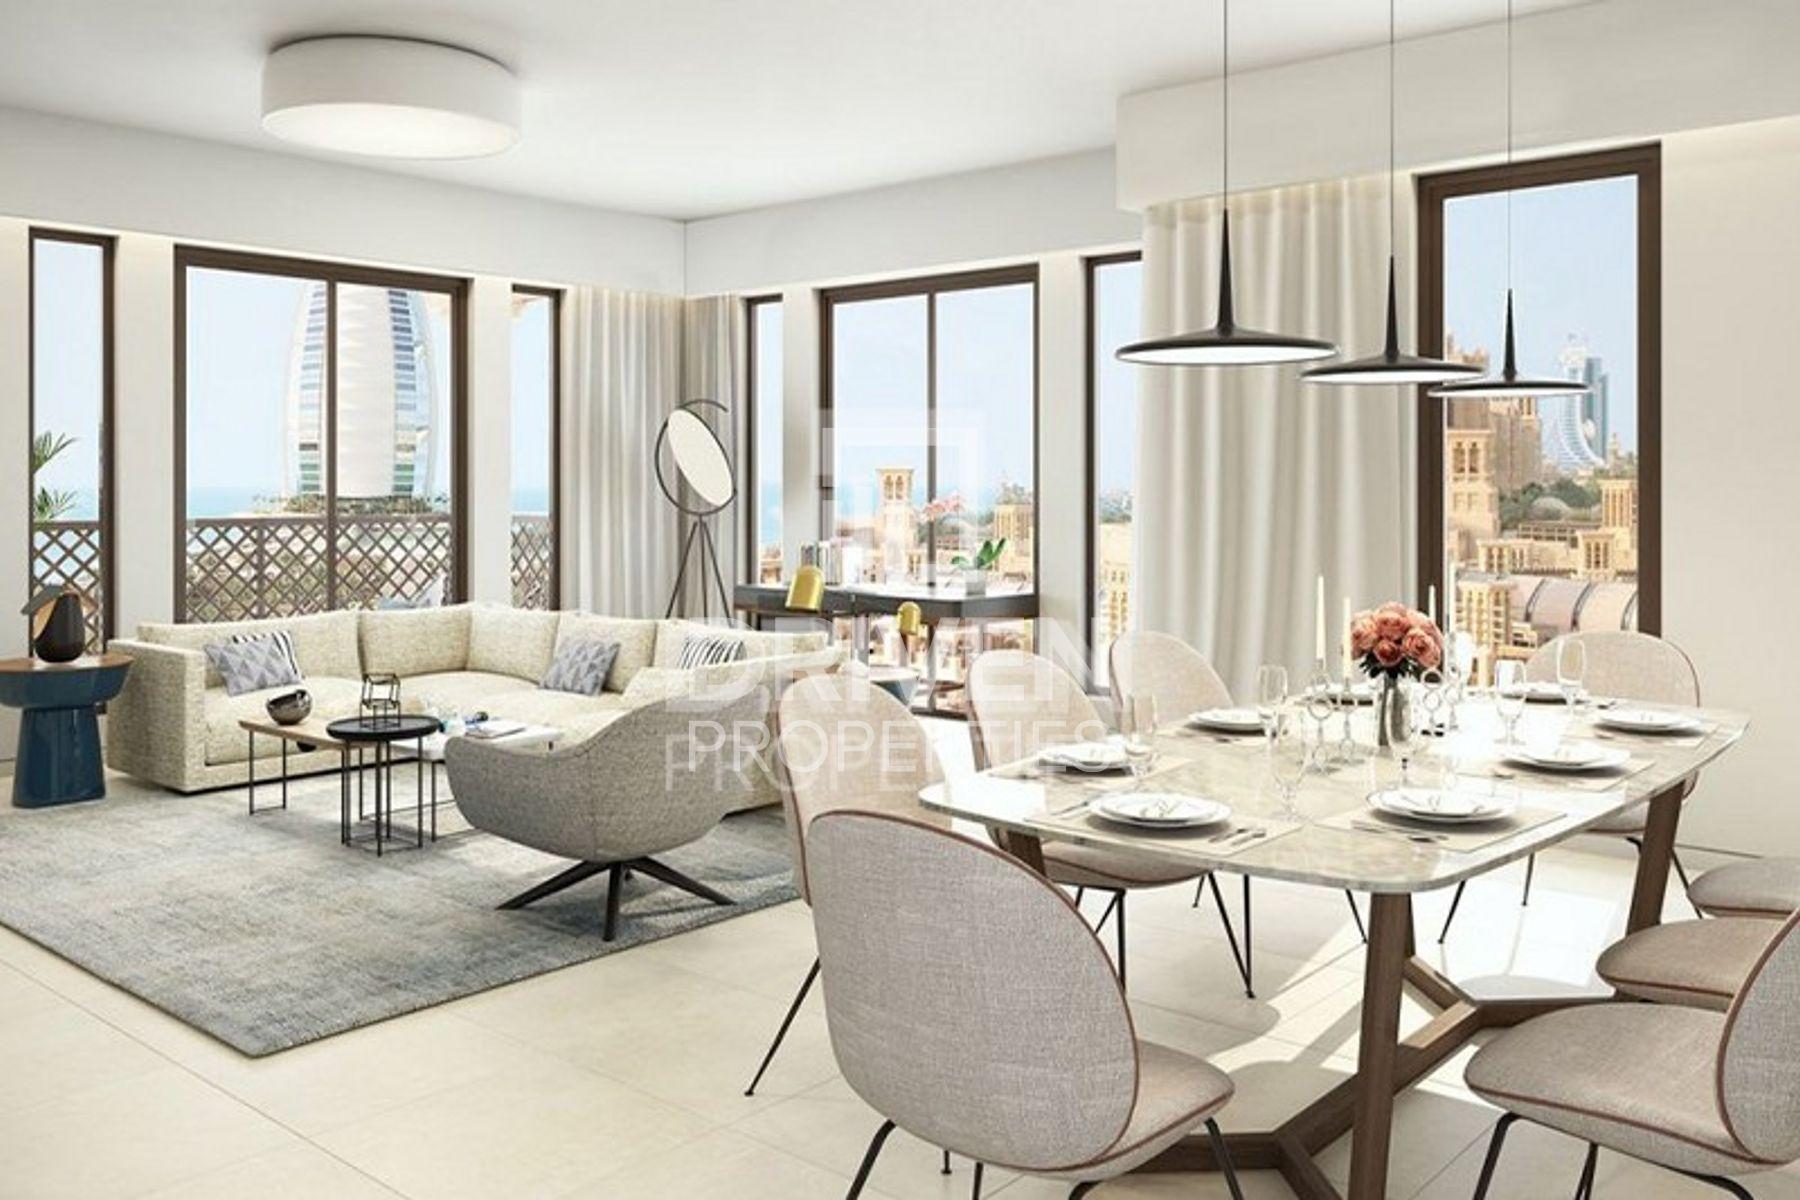 1,378 قدم مربع  شقة - للبيع - أم سقيم